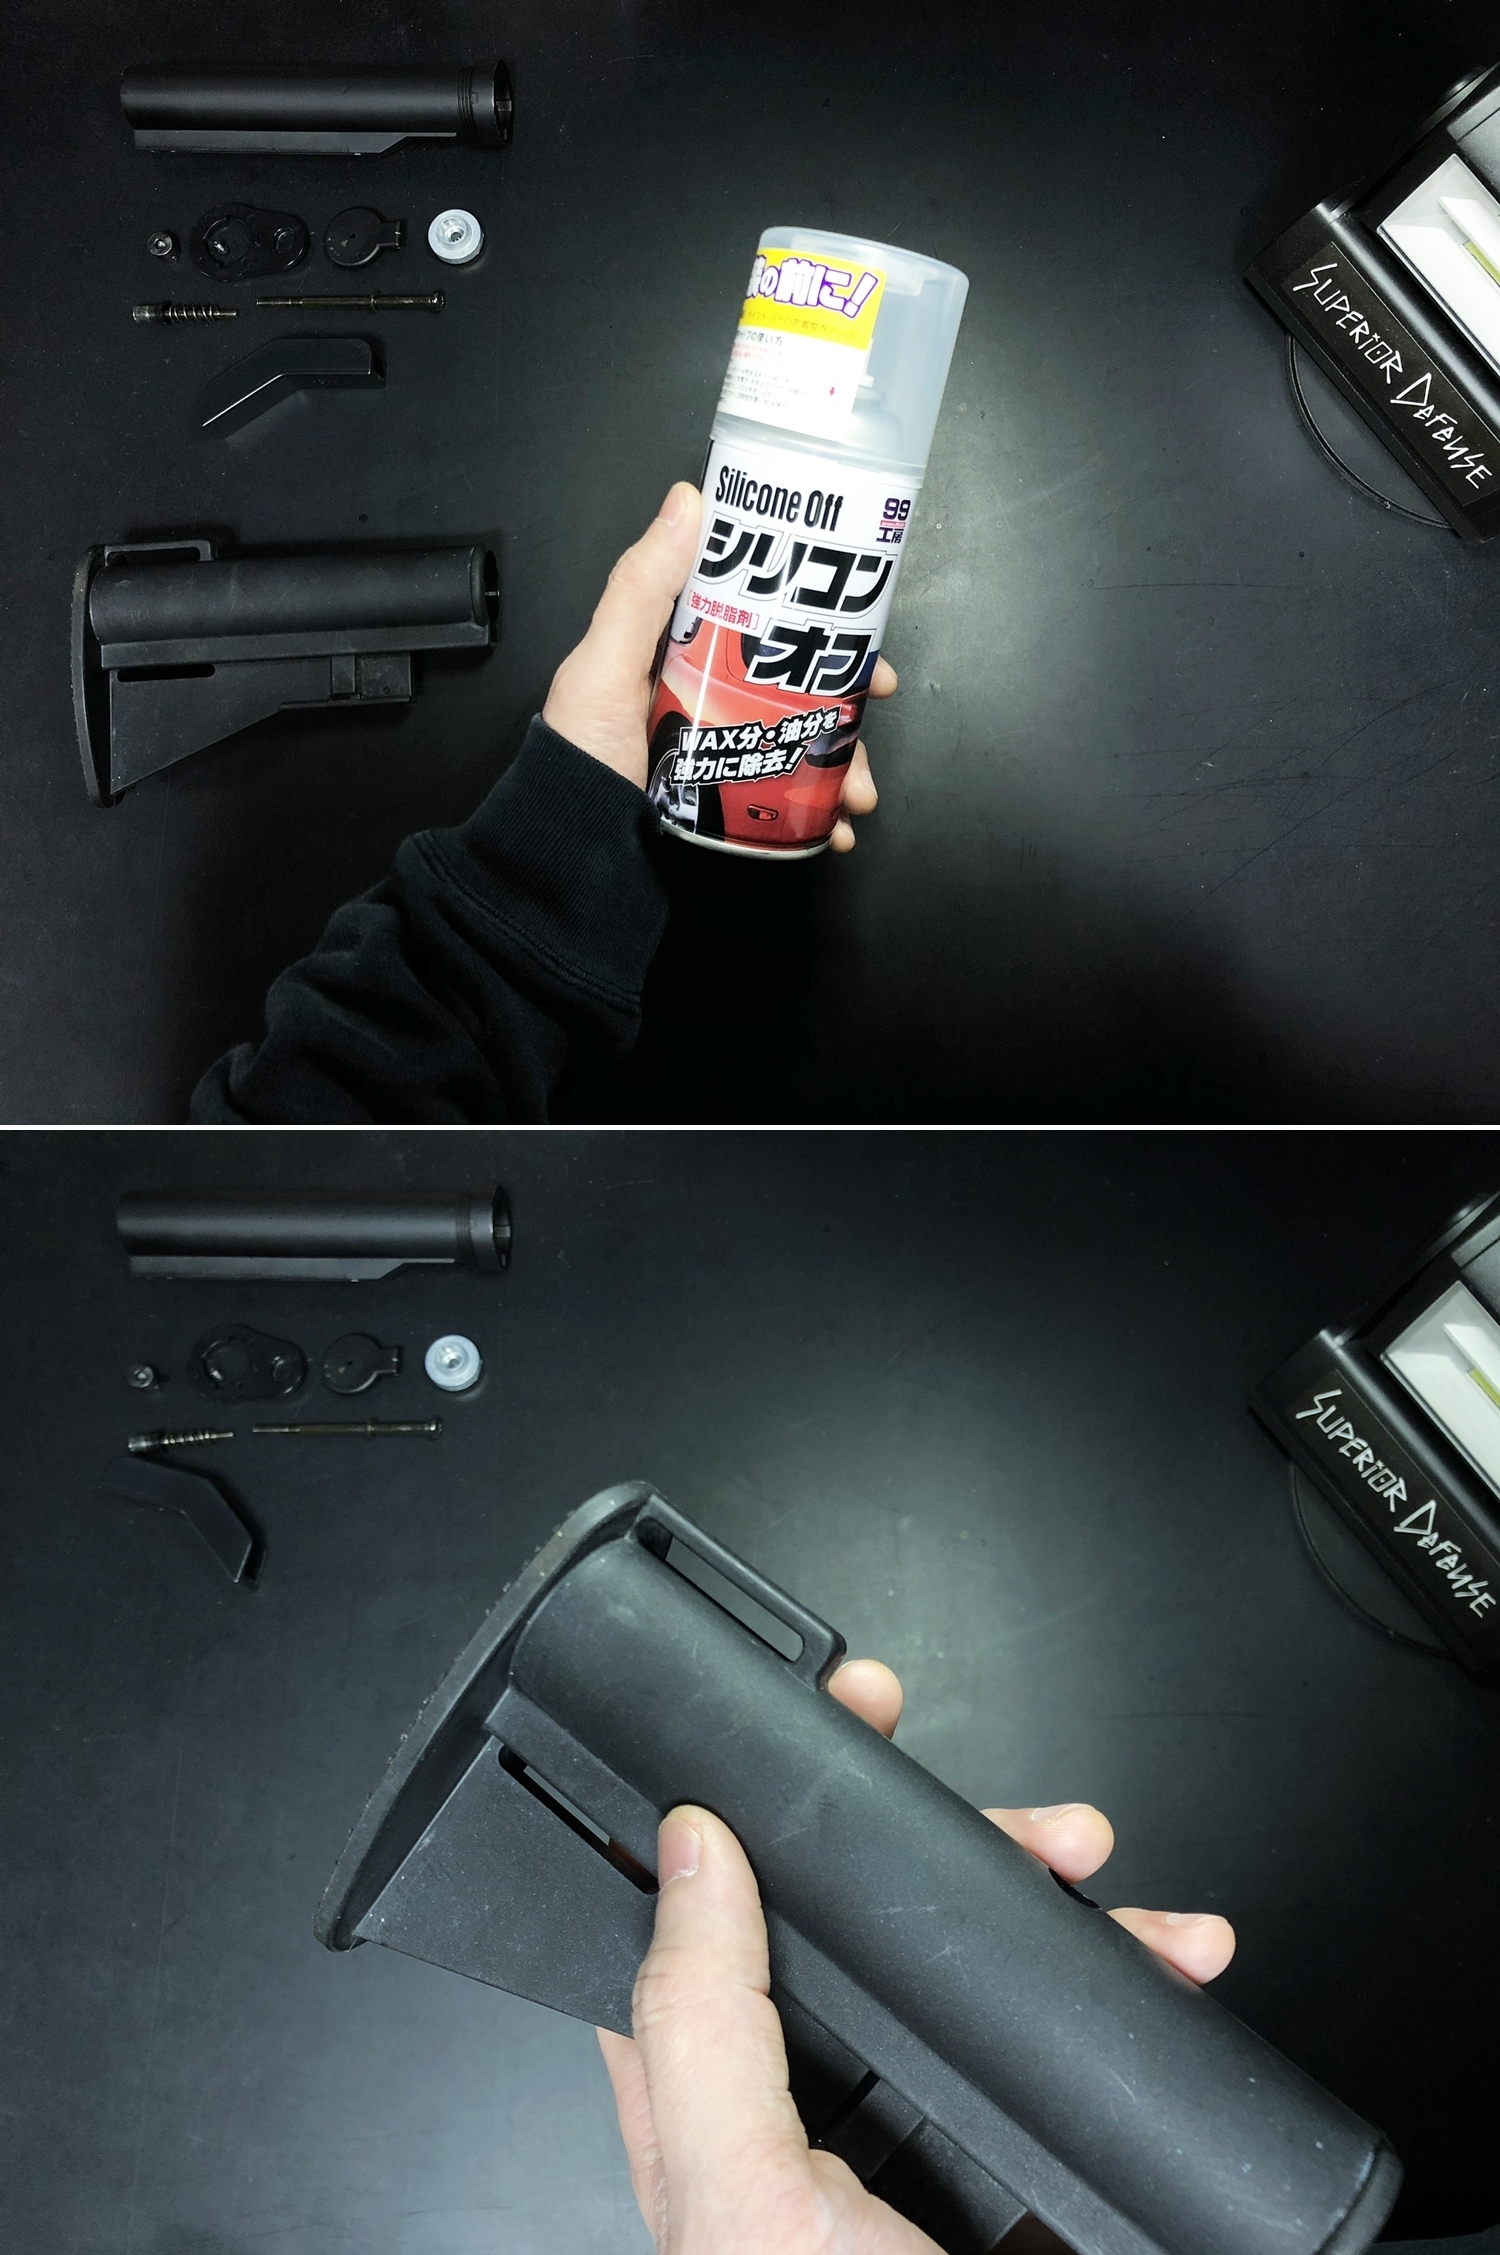 4 朽ち果てたM733コマンドストックをレトロライフルストック1970年代っぽく再リメイクするぞ!!ALUMINUM BUTTSTOCK CAR-15 XM177 AR-15 M733 COMMANDOS !! DIY リメイク 塗装 カスタム レビュー!!